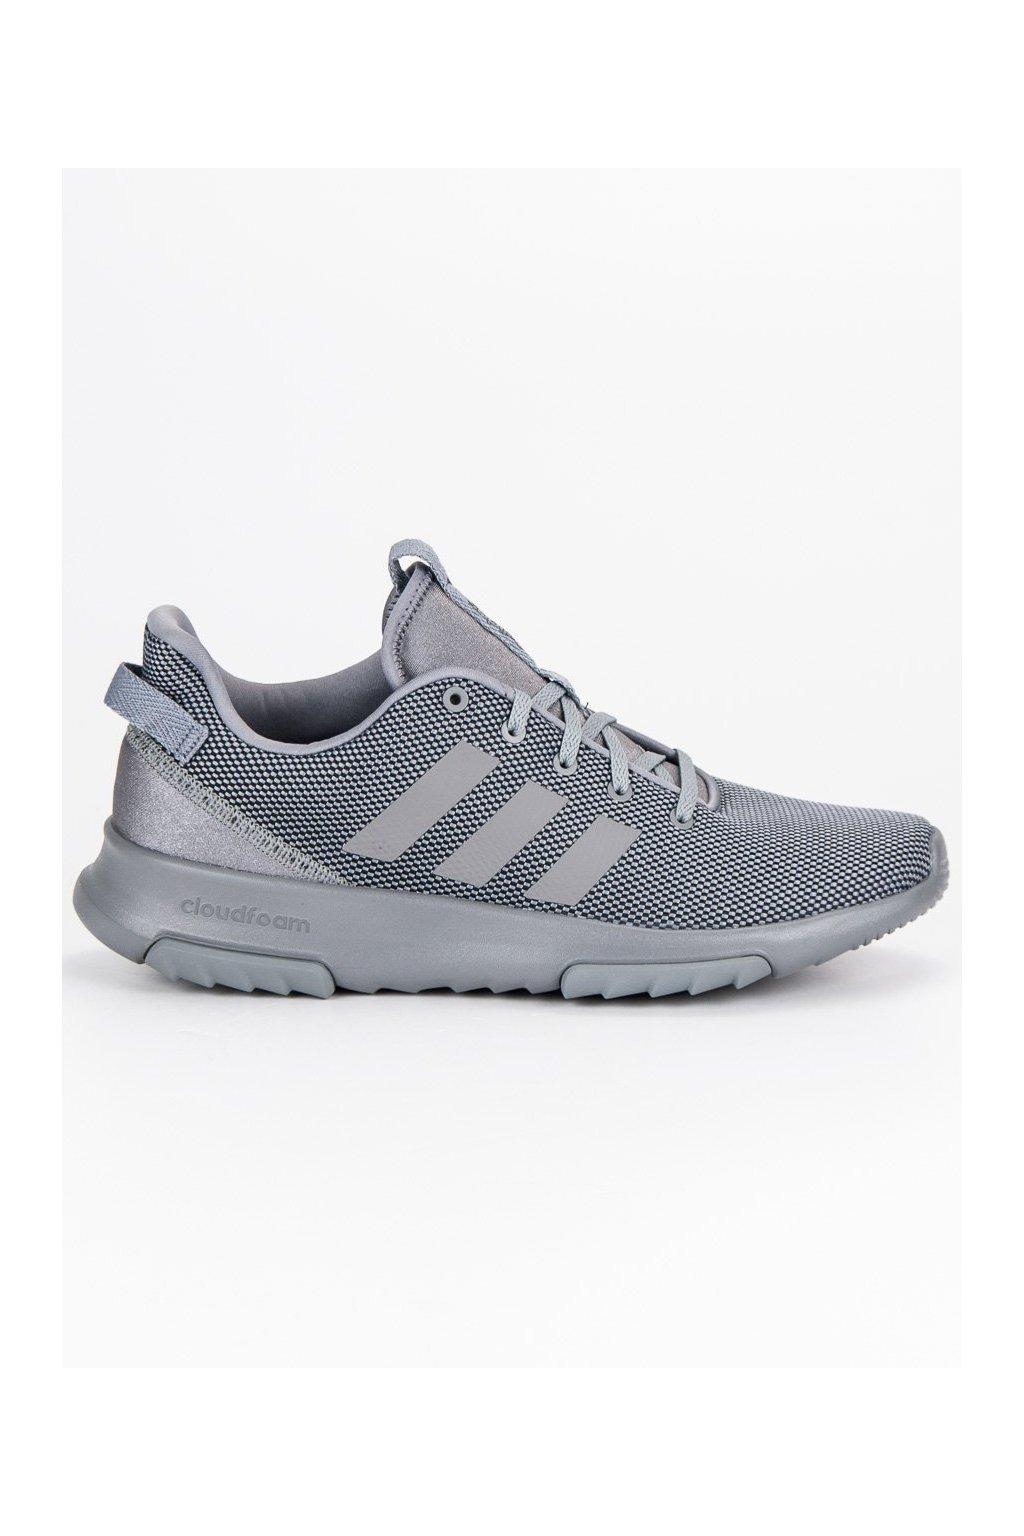 e4a2616459559 Sivé pánske športové topánky - Adidas DA9275 | NAJ.SK